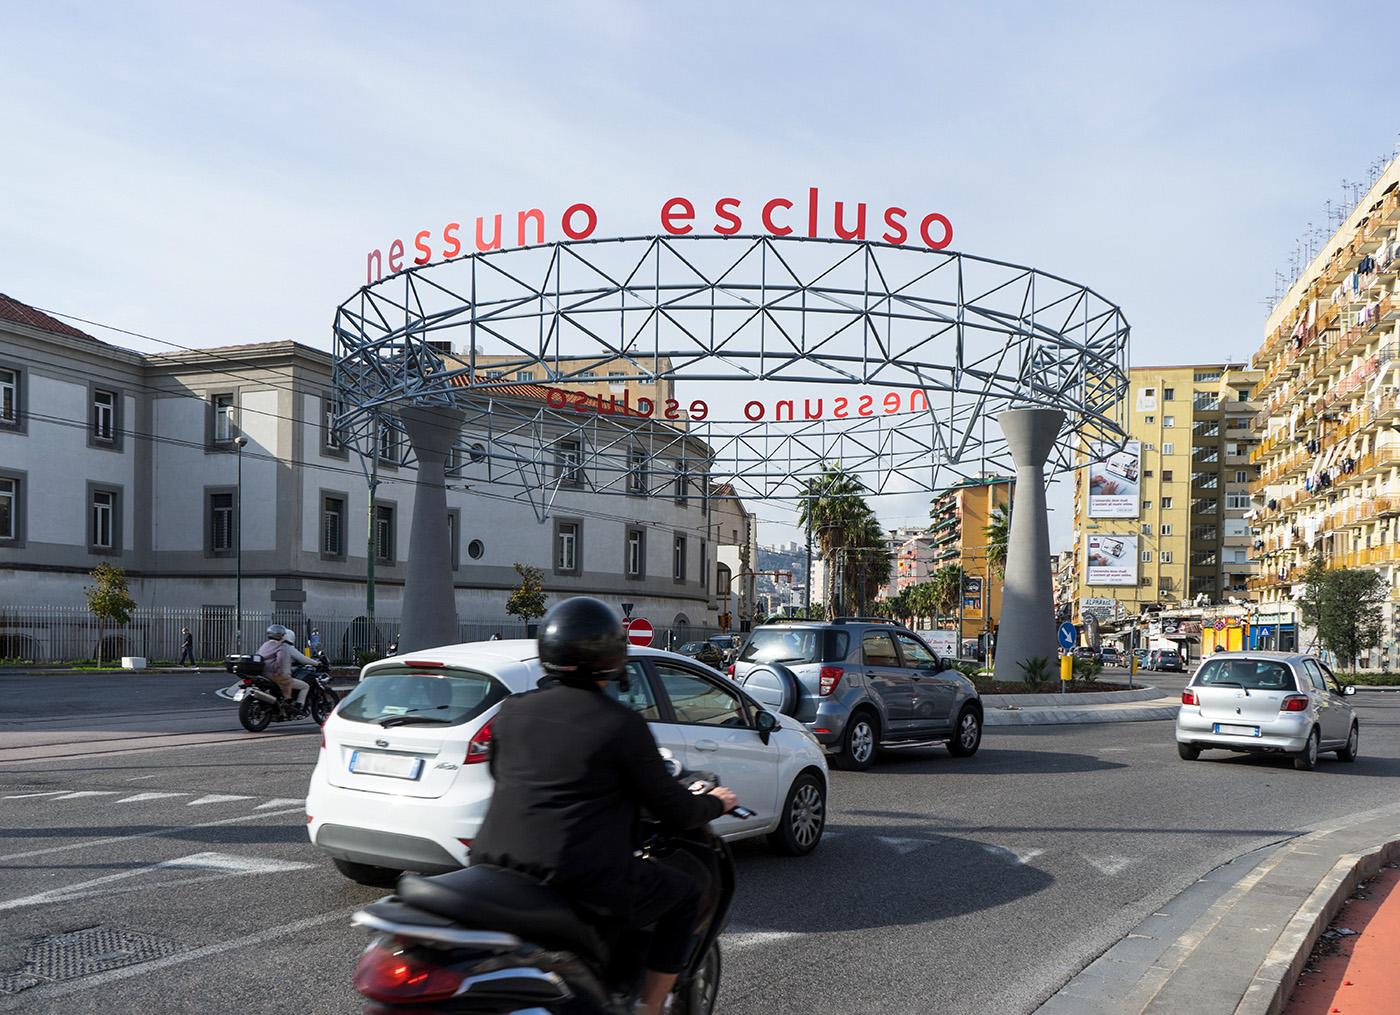 Bianco-Valente, Nessuno escluso, 2020, Installazione ambientale, lettere in ferro verniciato.